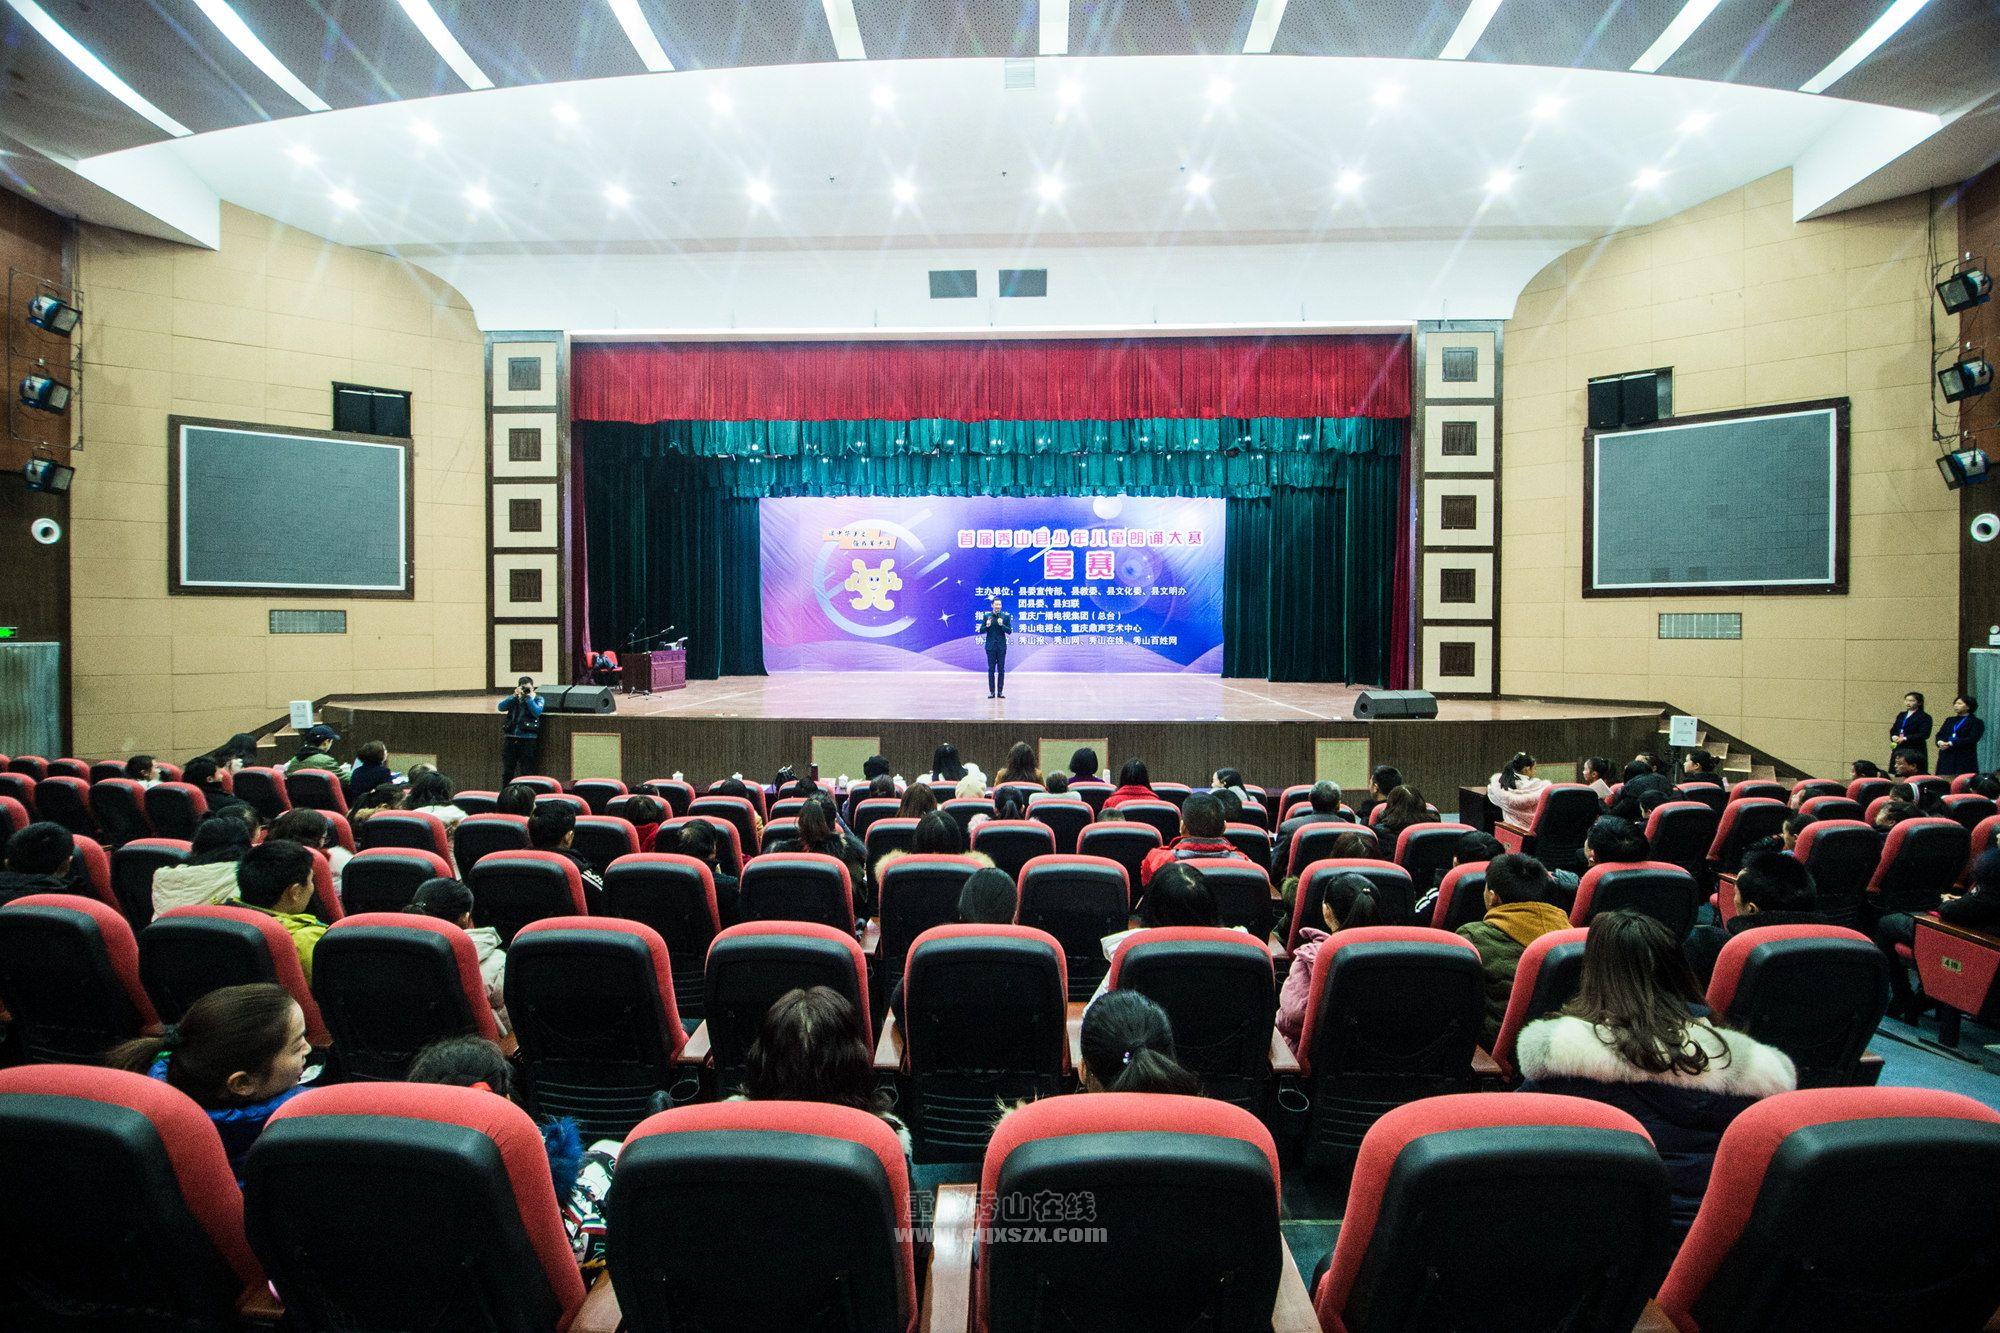 秀山首届少年儿童朗诵大赛复赛在秀山县行政中心大会议厅举行